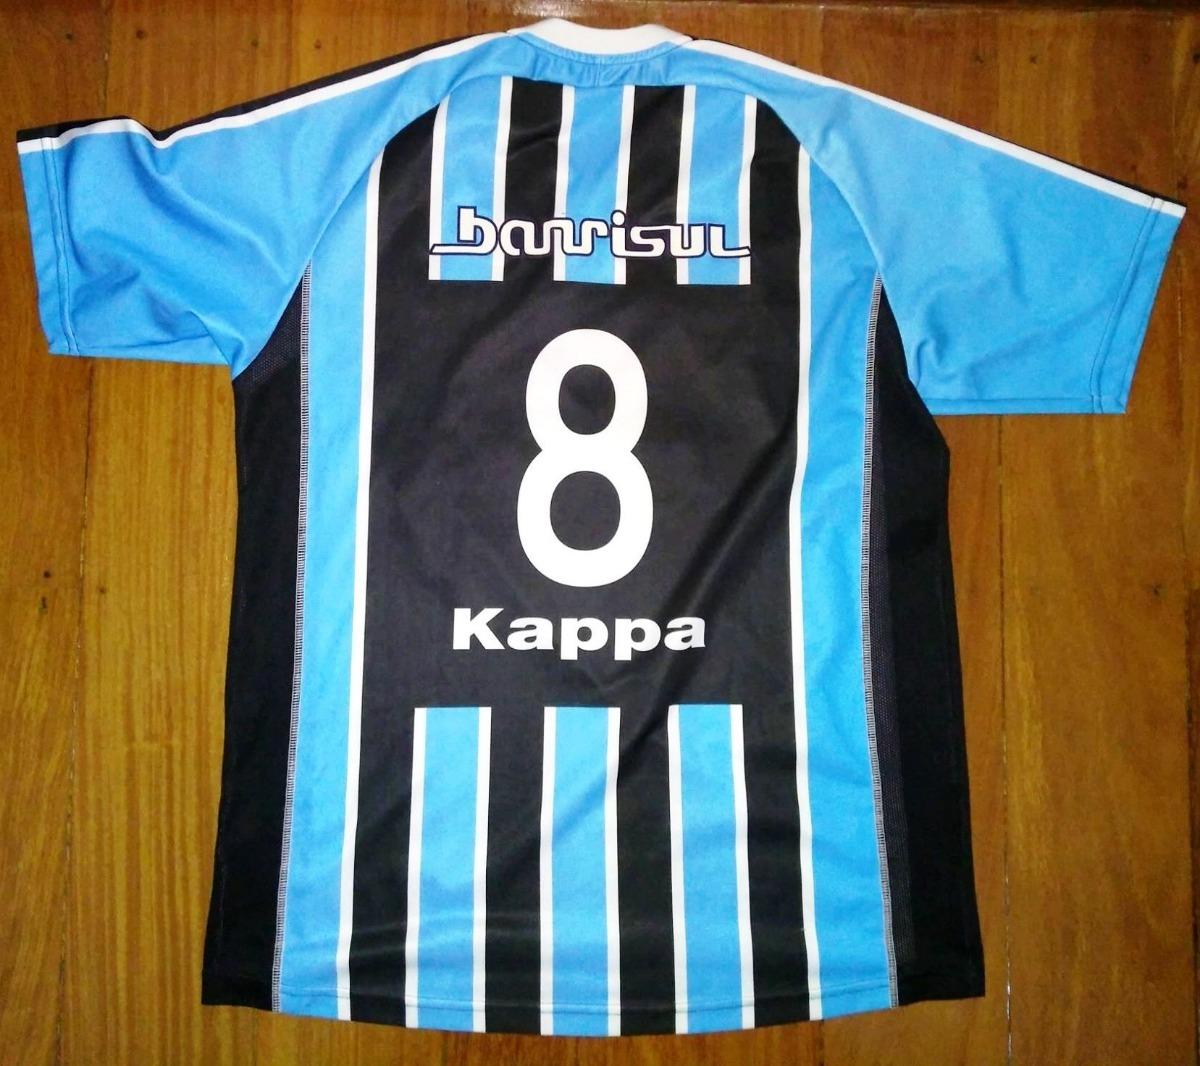 806d6f2a3ab40 camisa grêmio kappa 2004 tricolor tamanho g número 8. Carregando zoom.